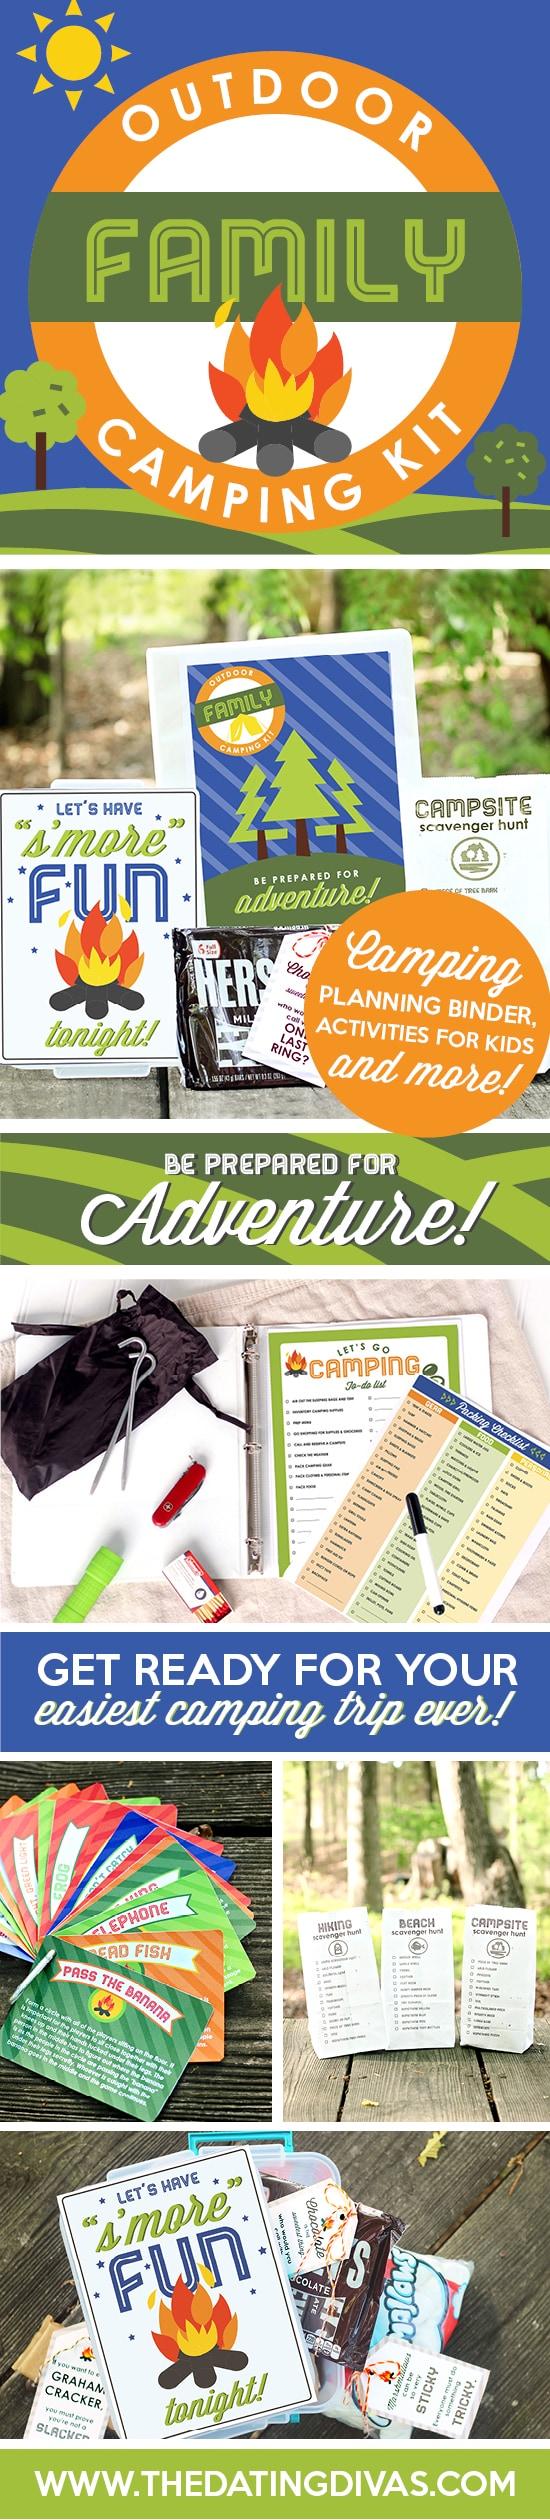 Family Camping Trip Kit